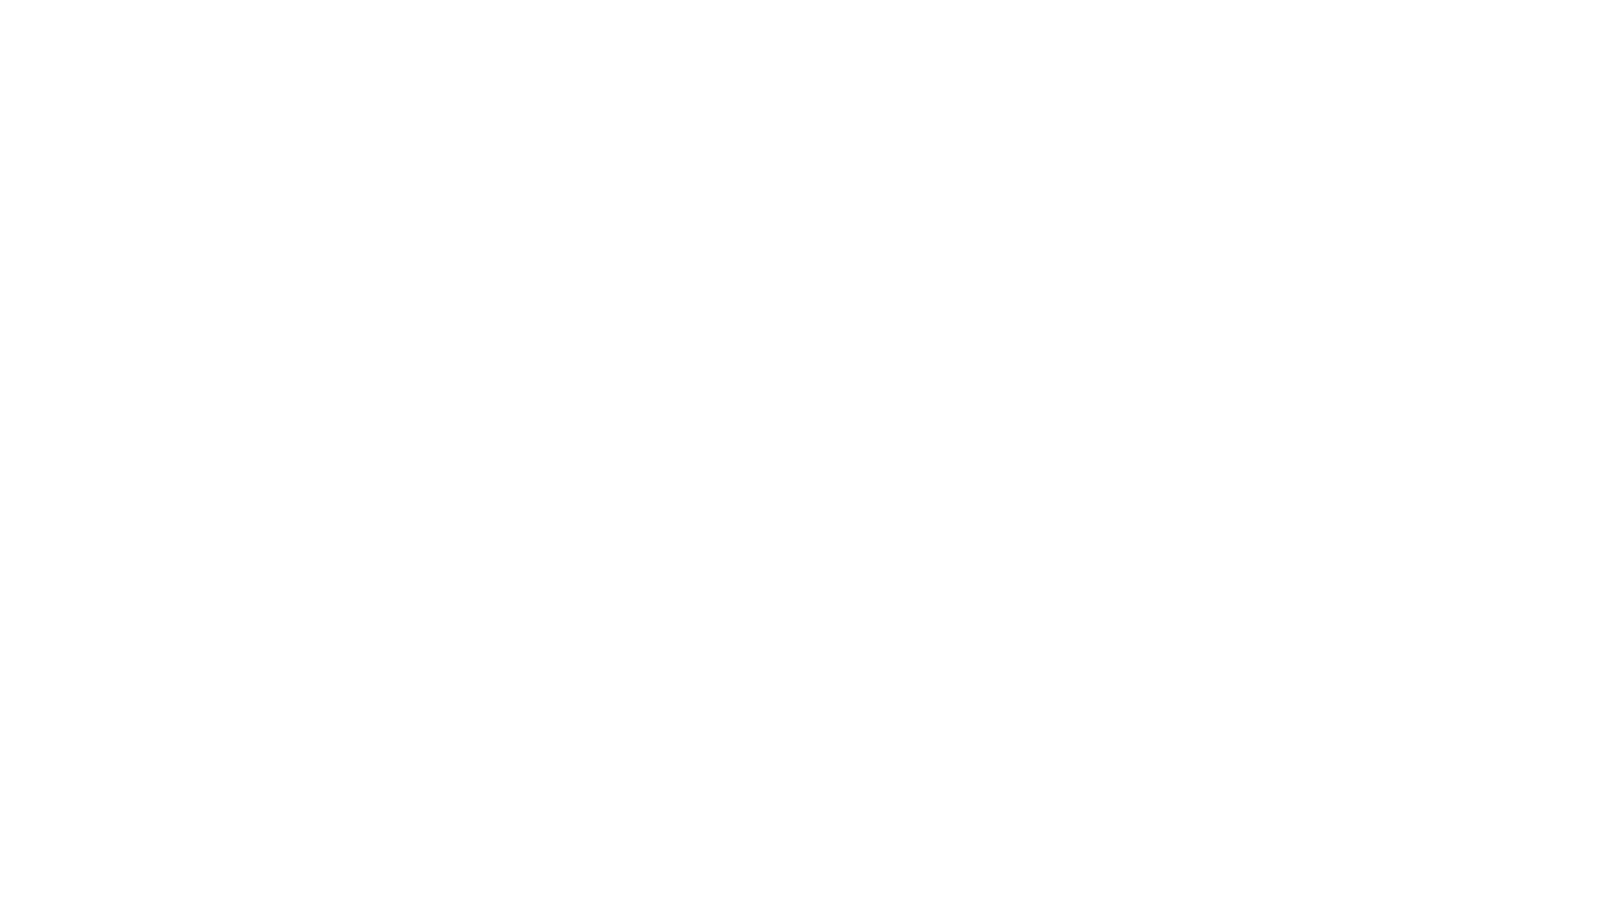 Willkommen zum Online Gottesdienst der Ruhr City Church, mit einer Predigt von Pastor in Ausbildung Sarah Simonetti  Du hast etwas, wofür wir beten sollen? Schreib an:  pray@ruhrcity.church  Du hast Fragen oder willst Kontakt aufnehmen:  connect@ruhrcity.church  Website: www.ruhrcity.church Instagram: ruhrcity.church